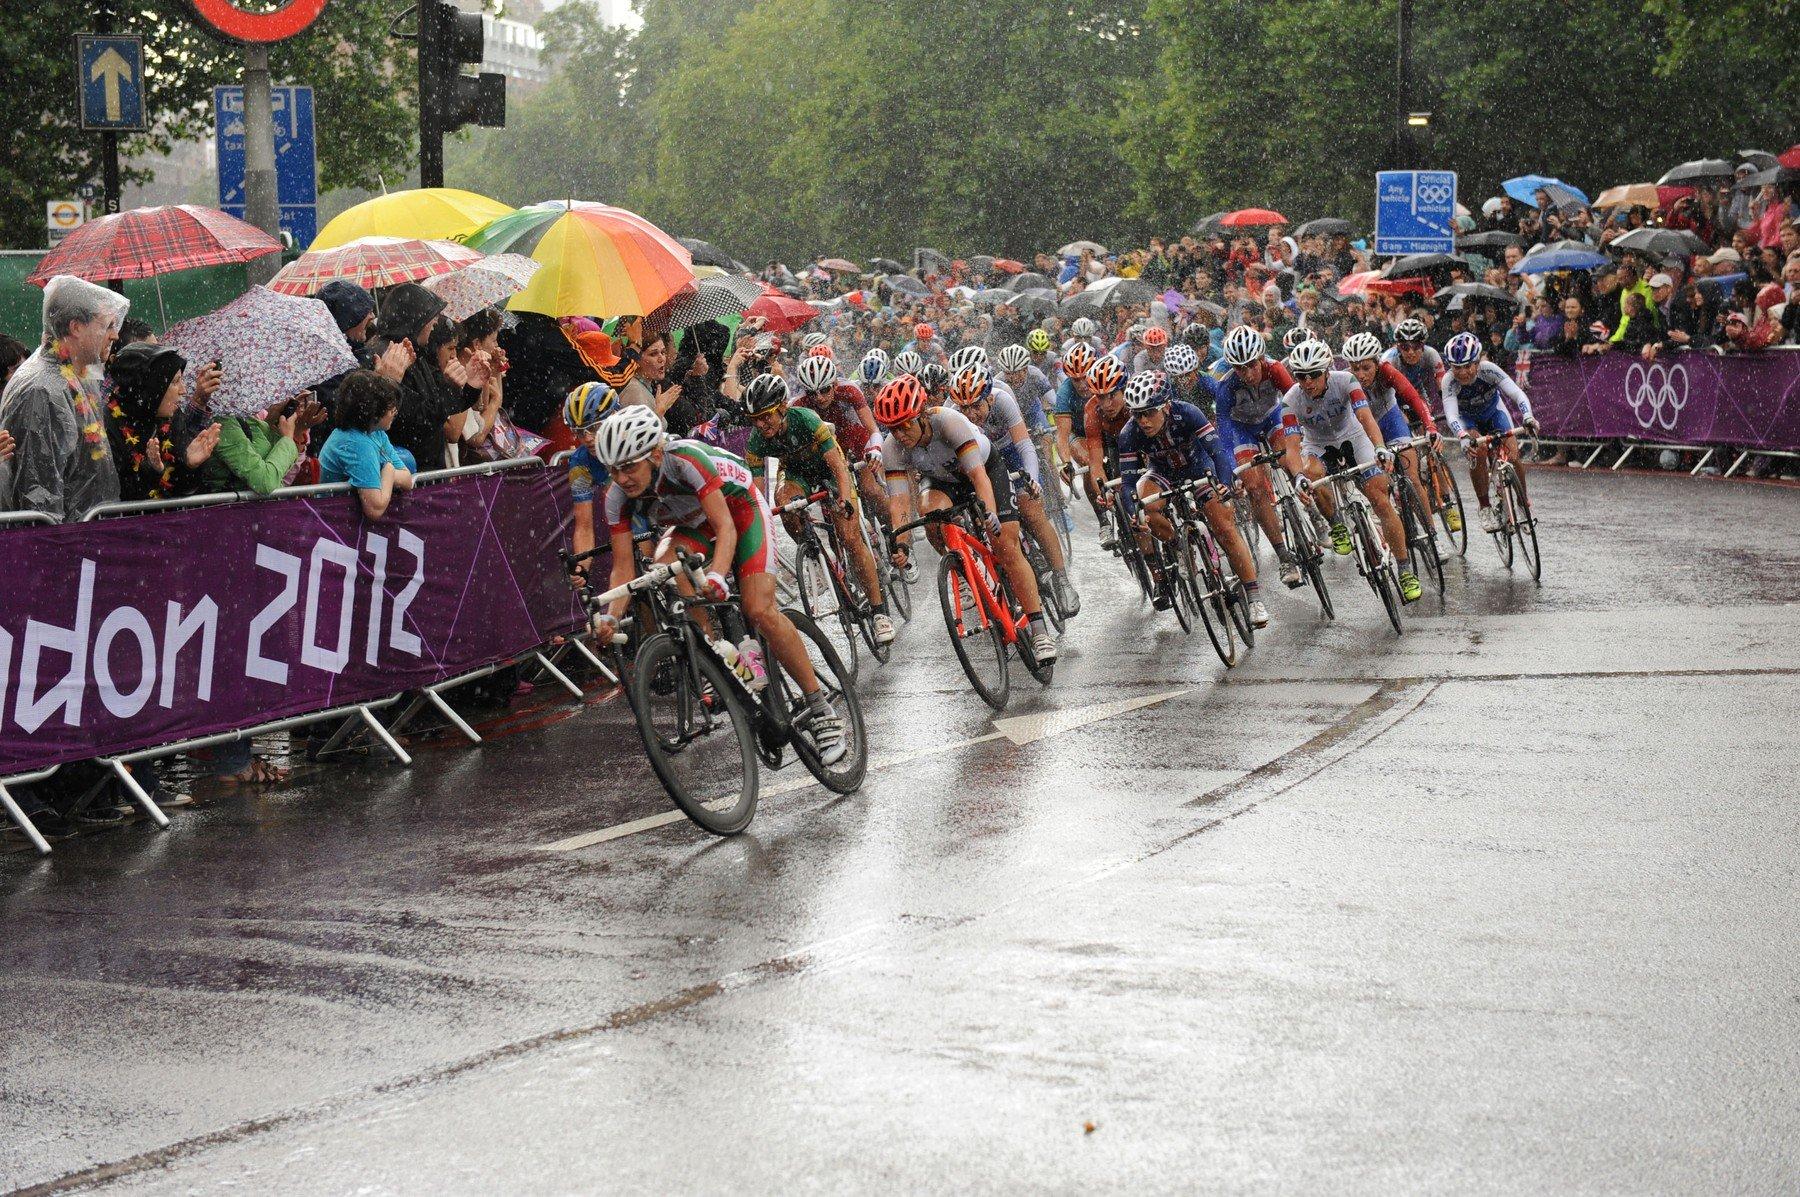 csapatsport we love cycling